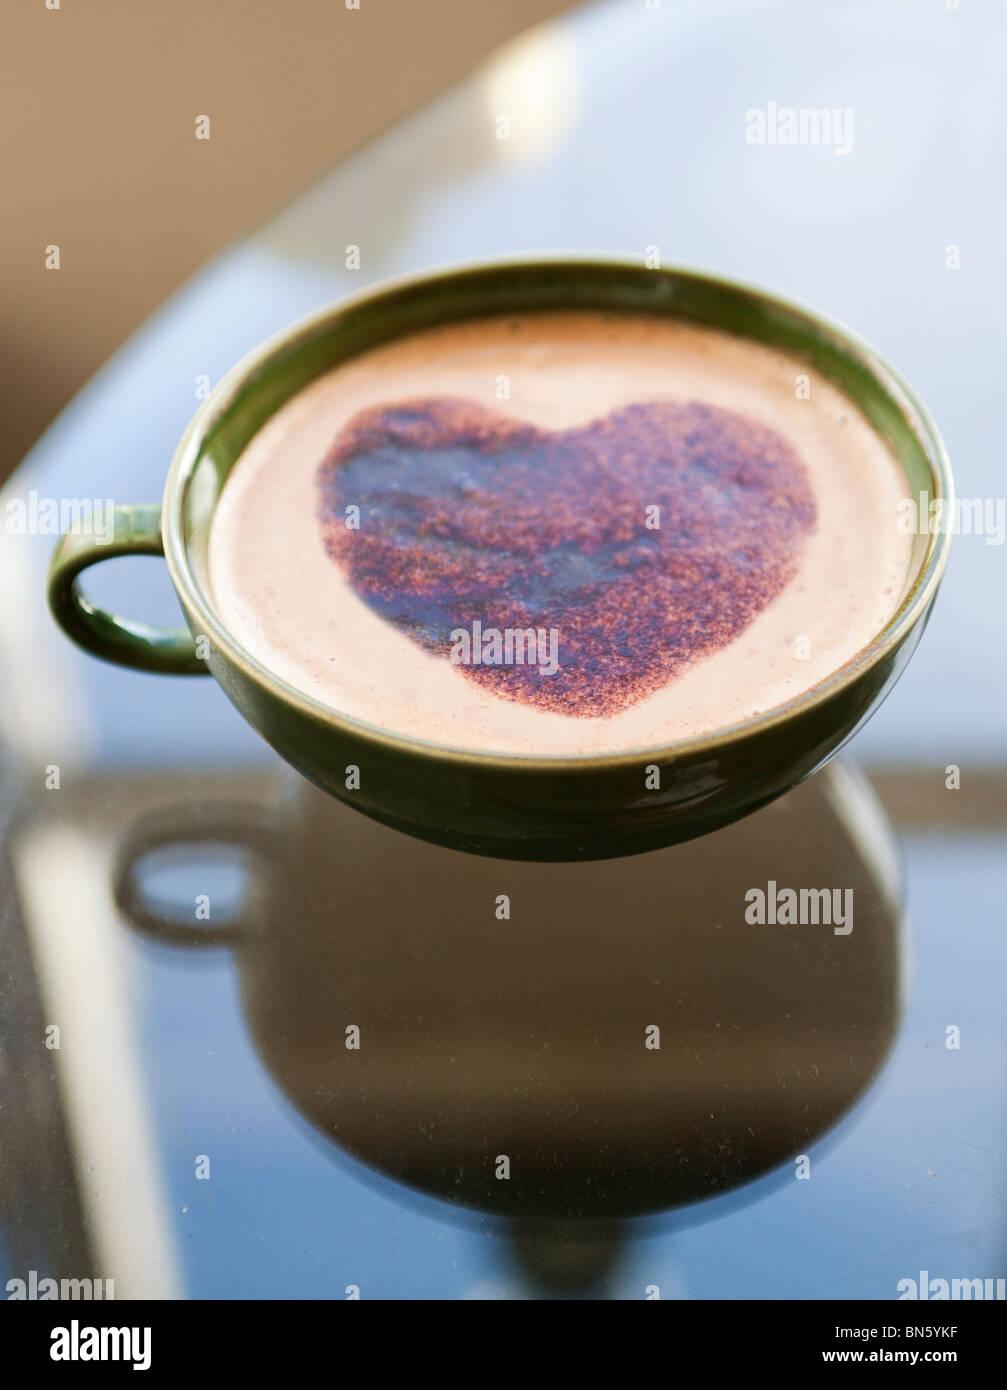 Cuore sulla tazza di caffè Immagini Stock